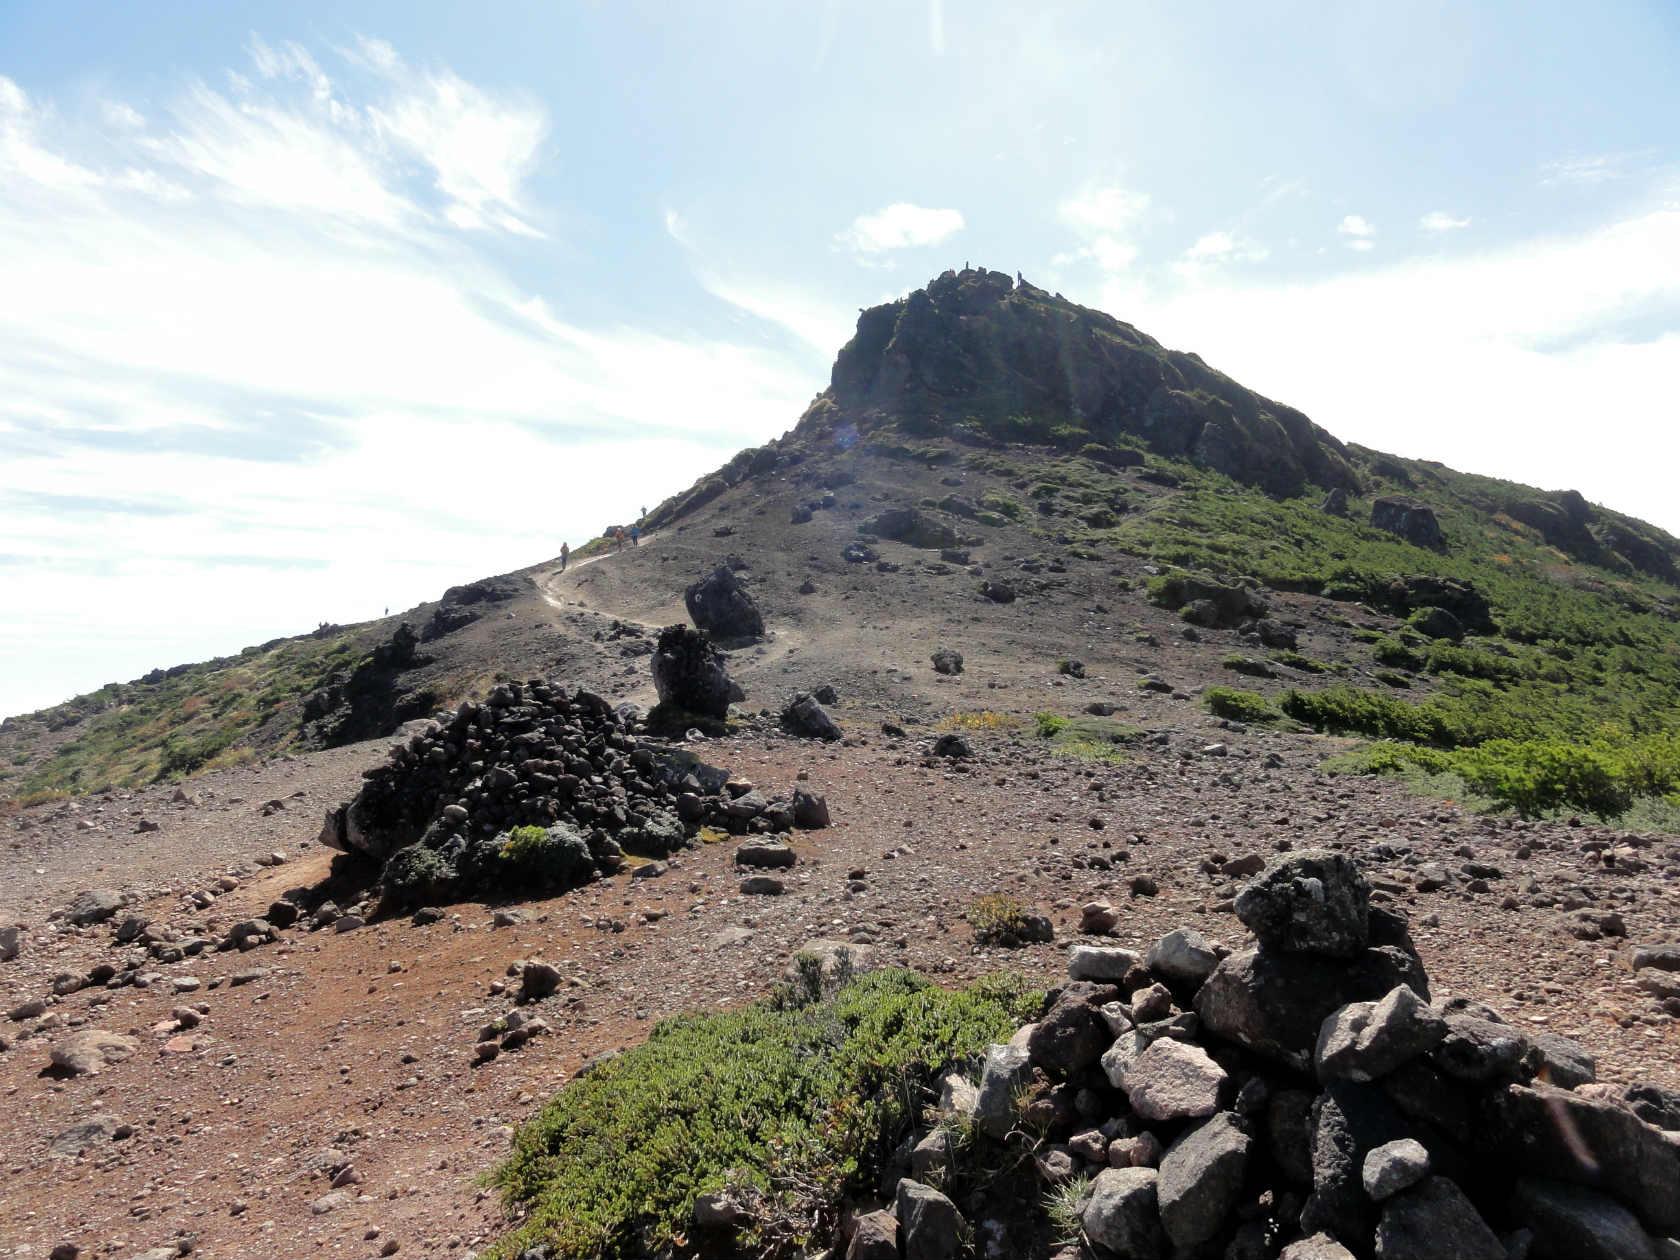 牛の背へ向かう稜線から振り返りみる安達太良山山頂